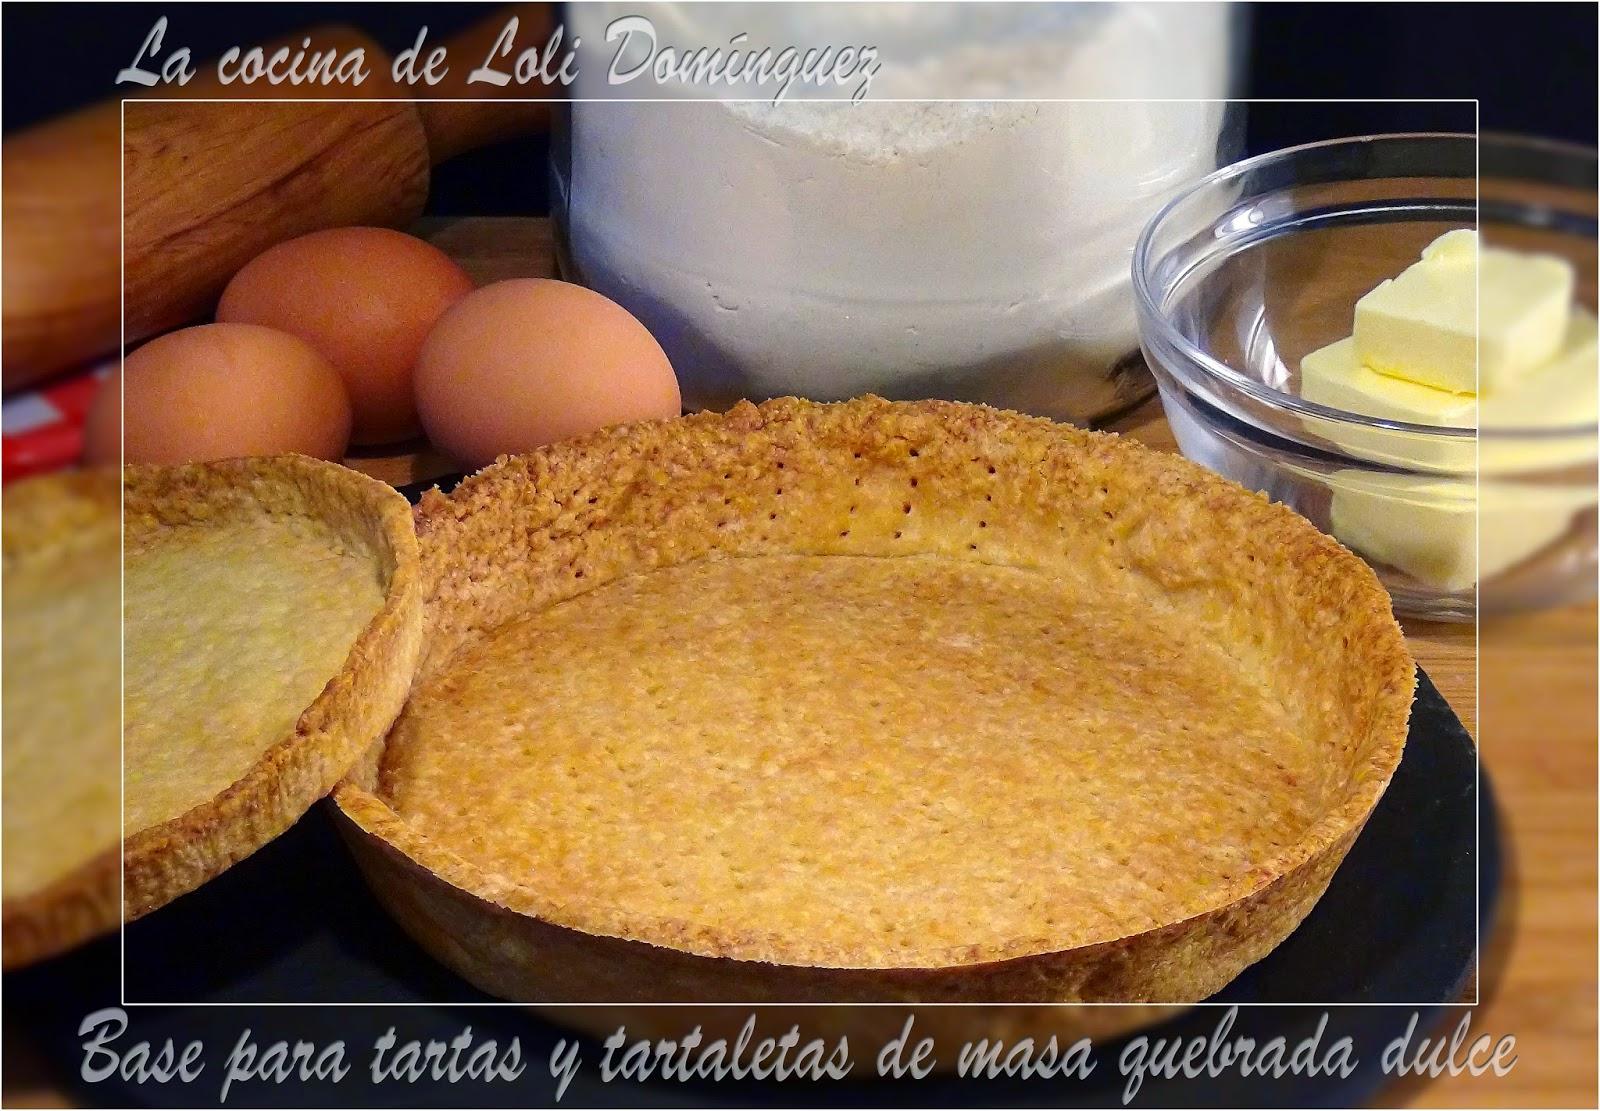 la cocina de loli dom nguez base para tartas y tartaletas On la cocina de loli